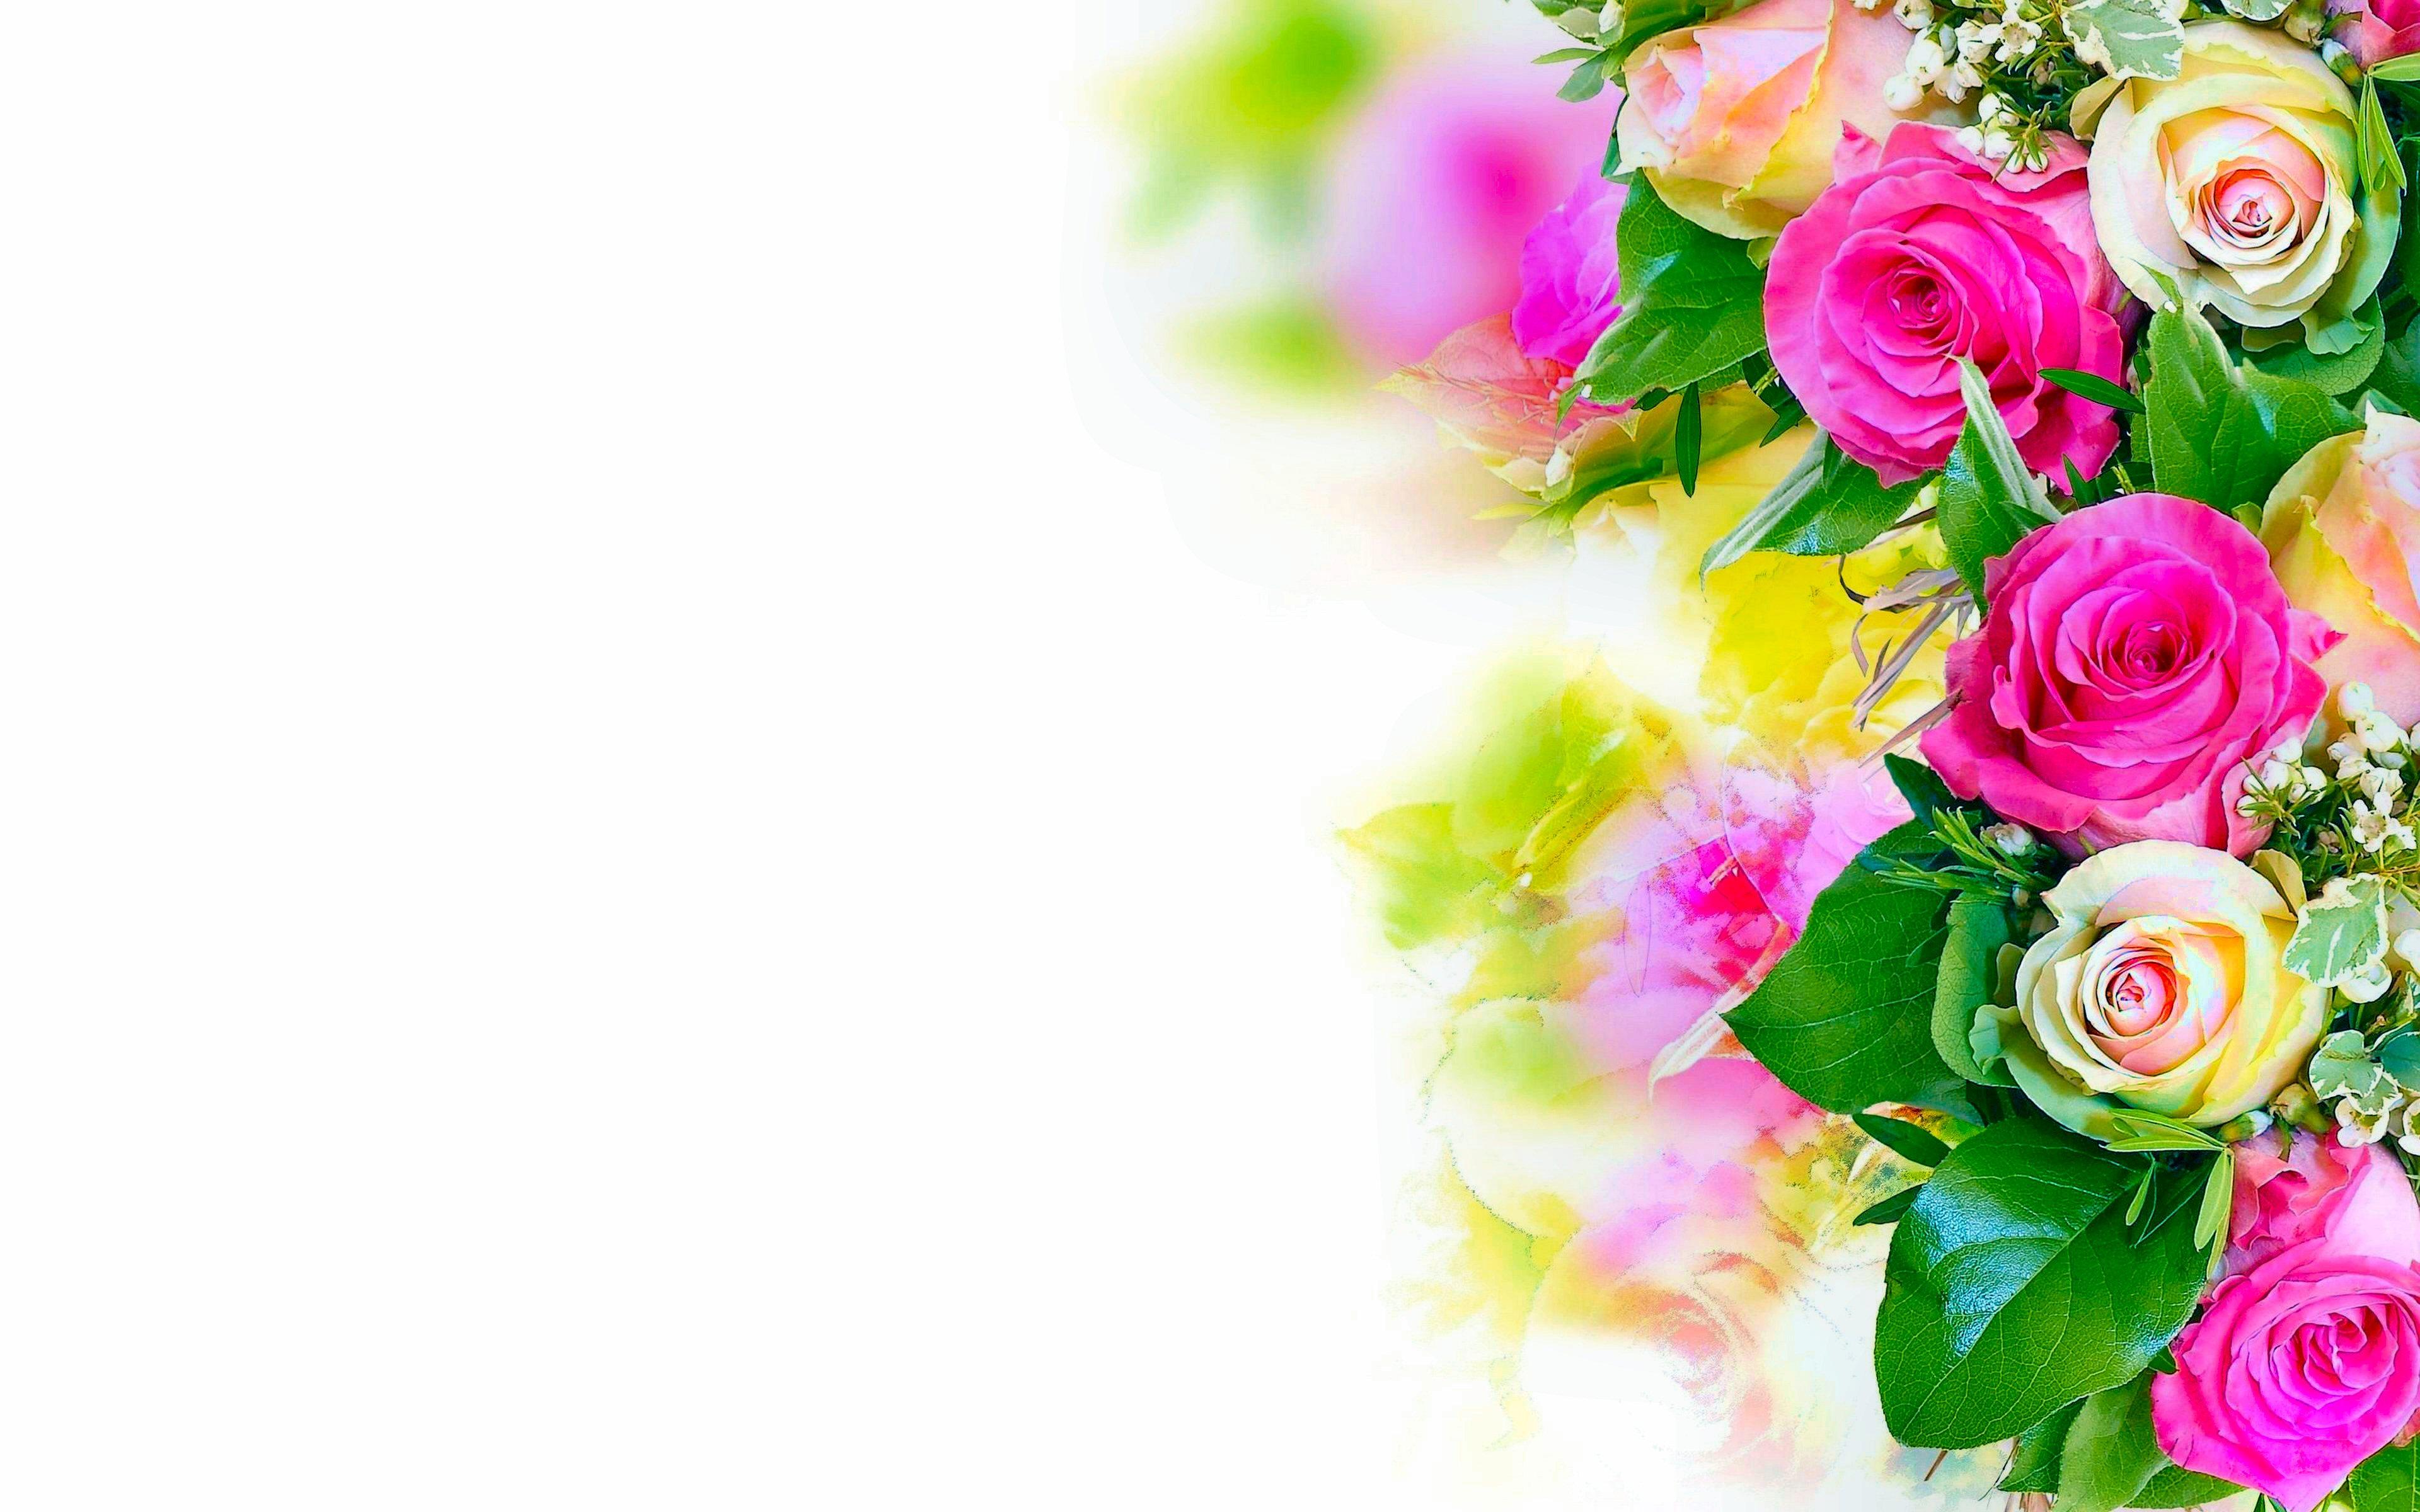 13071 fleurs fonds d'écran hd   arrière-plans - wallpaper abyss